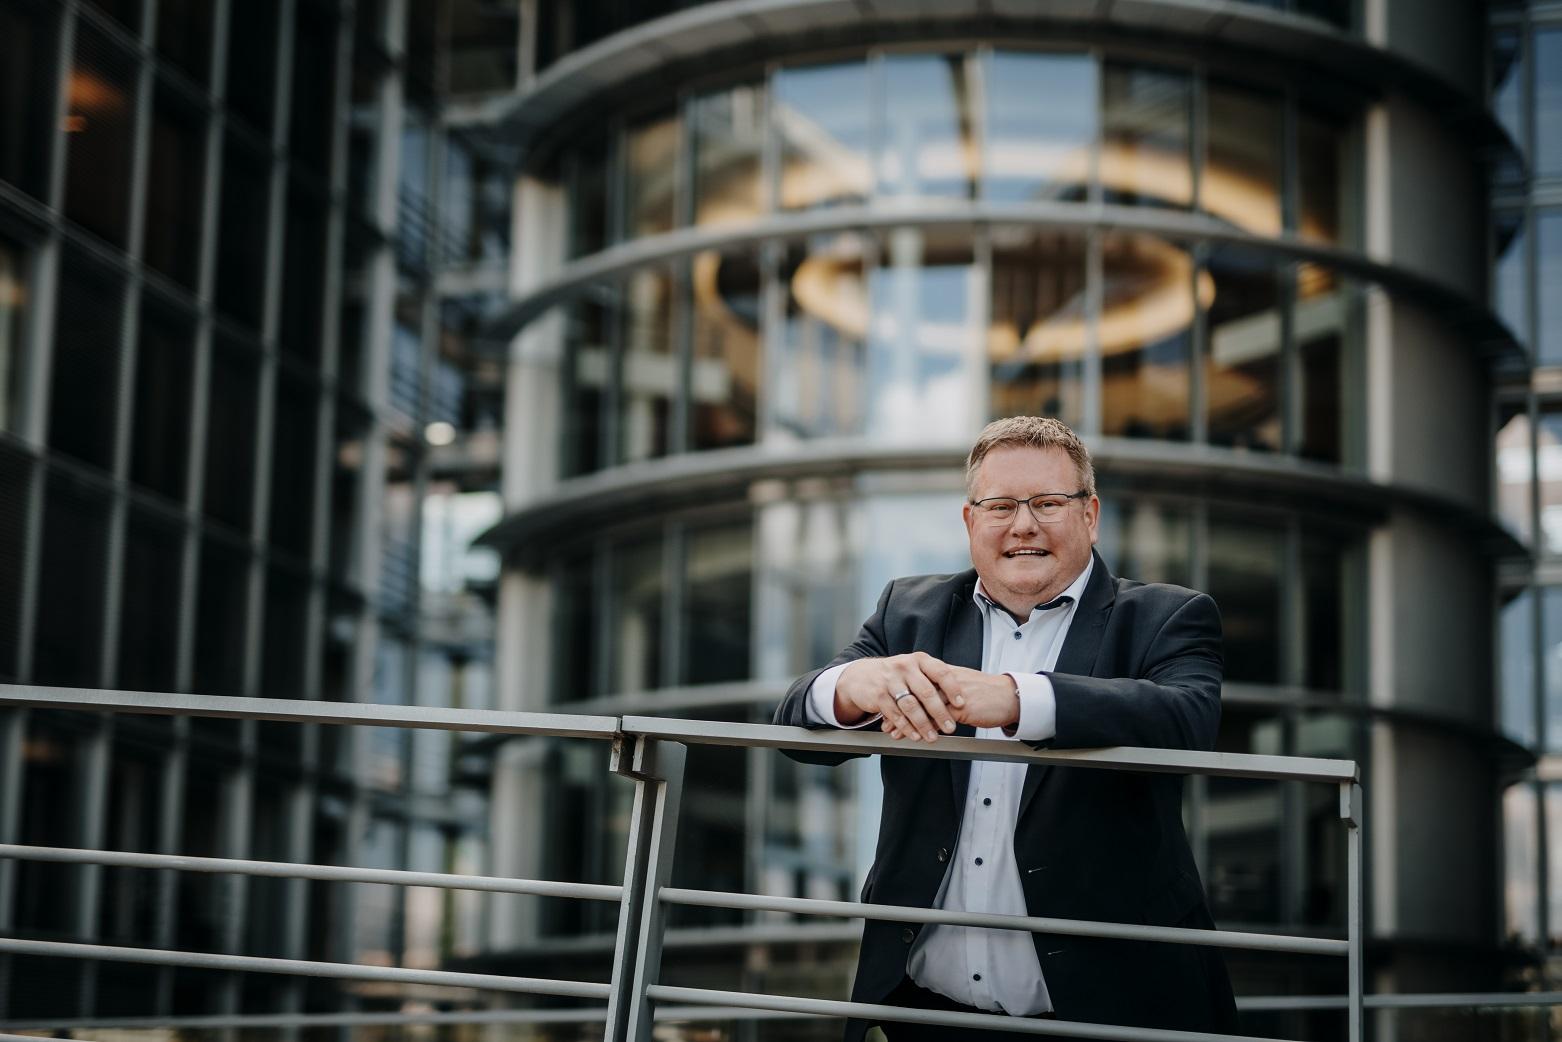 Bund fördert kommunale Einrichtungen im Saarland mit 7,4 Millionen Euro